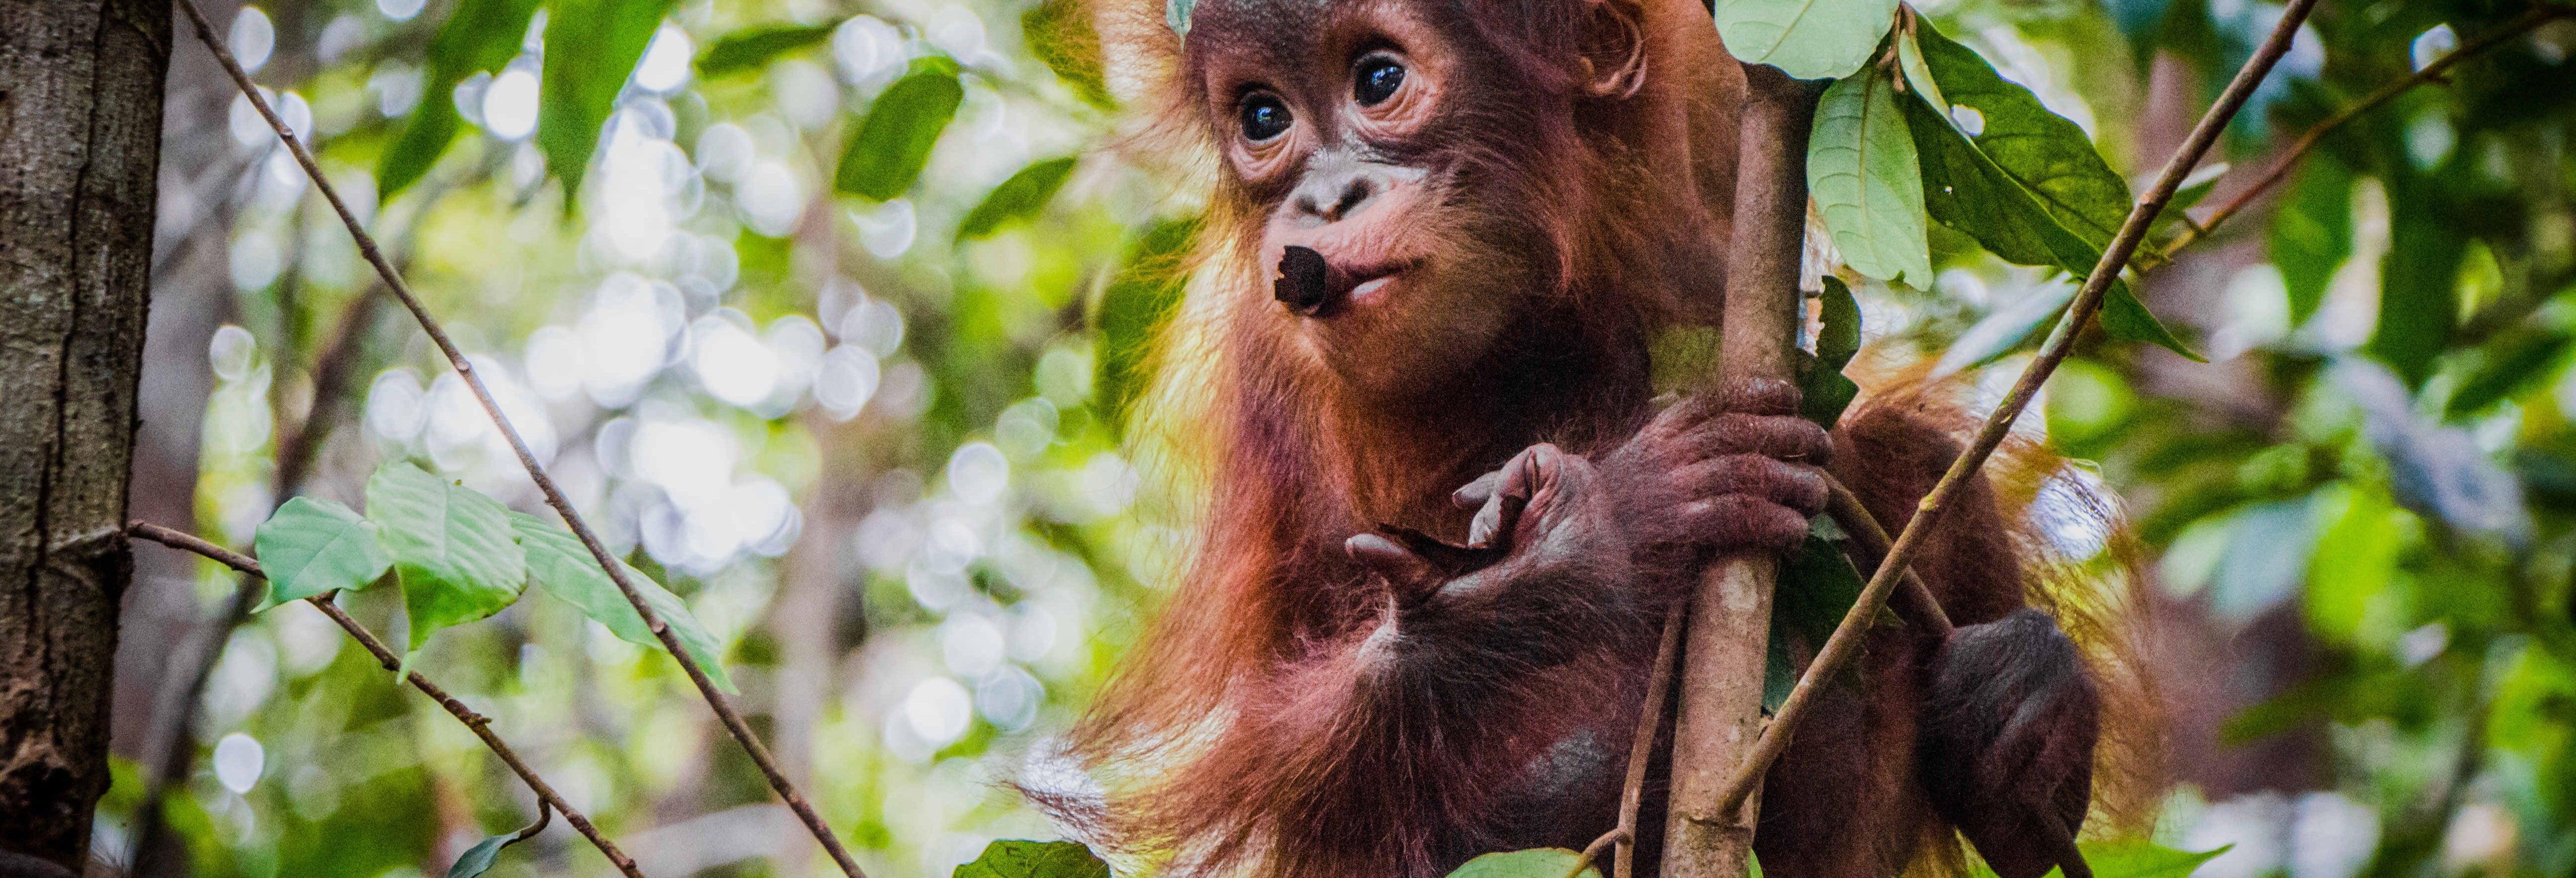 Crucero privado por Borneo en español con avistamiento de orangutanes